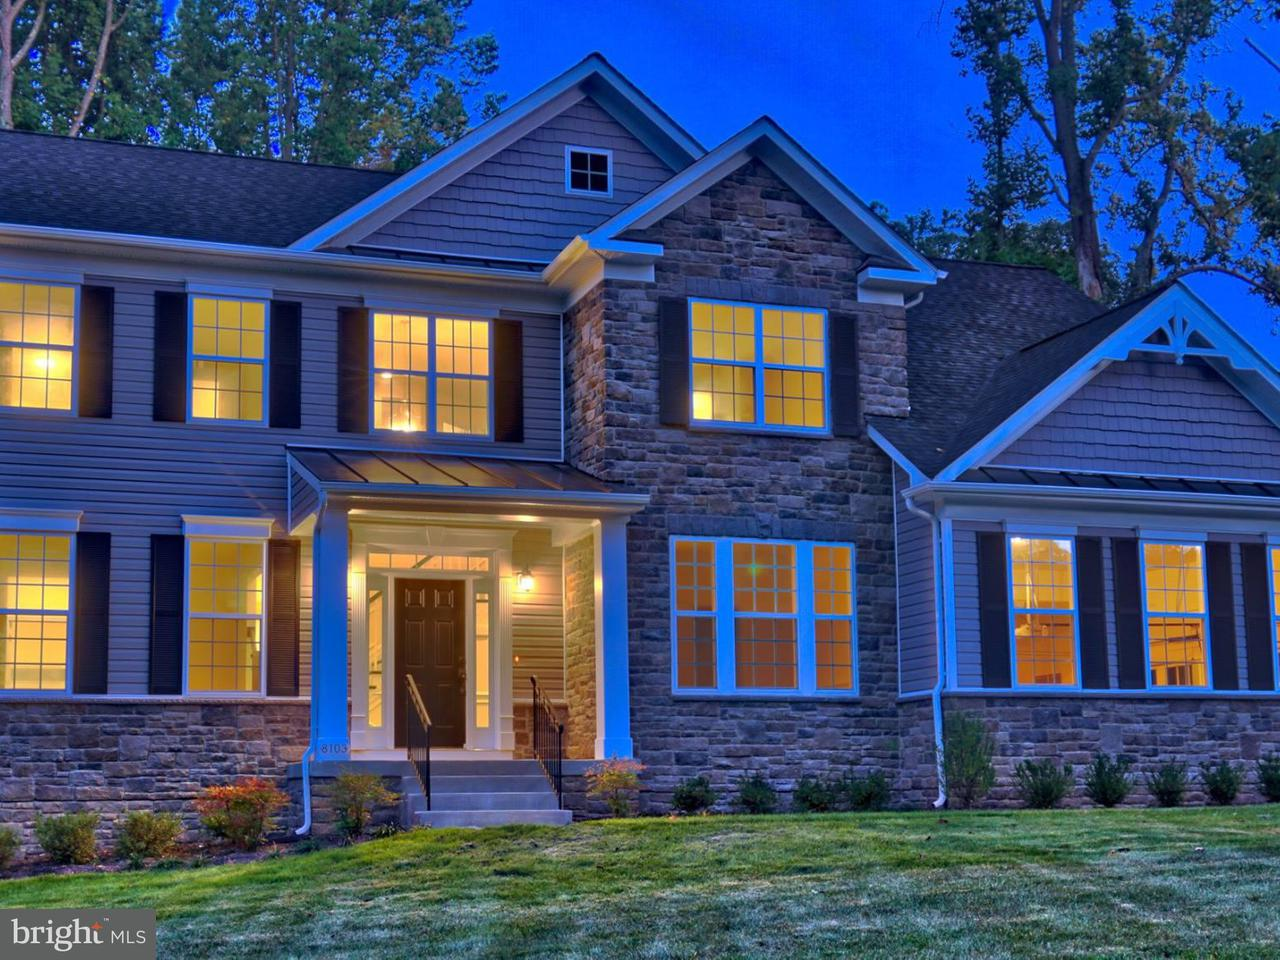 Частный односемейный дом для того Продажа на 8103 REDSTONE Road 8103 REDSTONE Road Kingsville, Мэриленд 21087 Соединенные Штаты